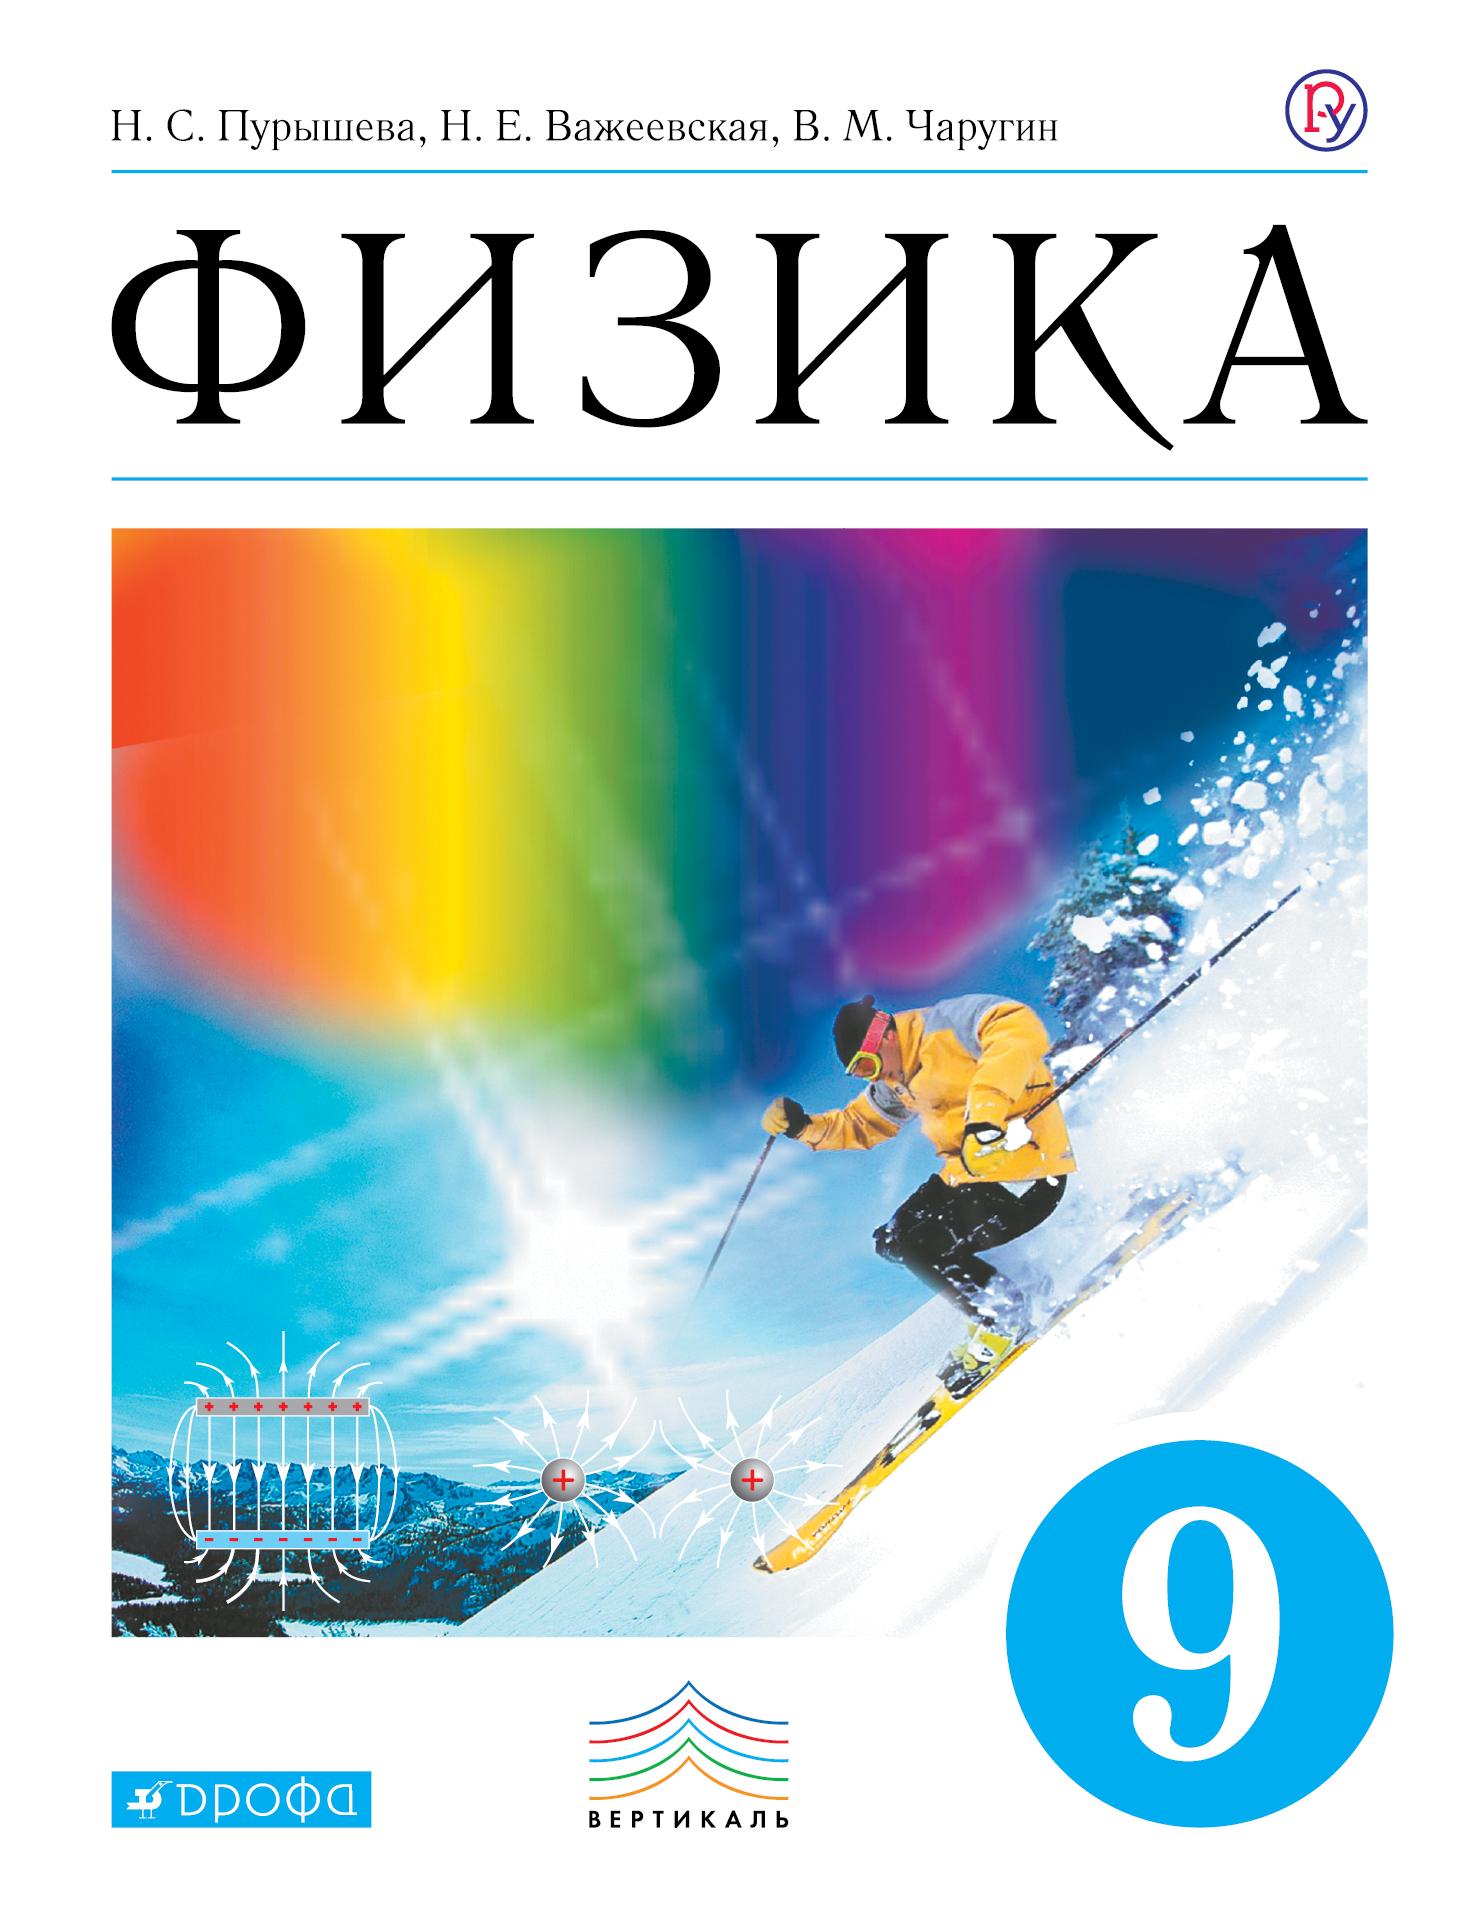 Учебник физика 7 кл пурышева н.с важеевская н.е чаругин в.н дрофа 2018г